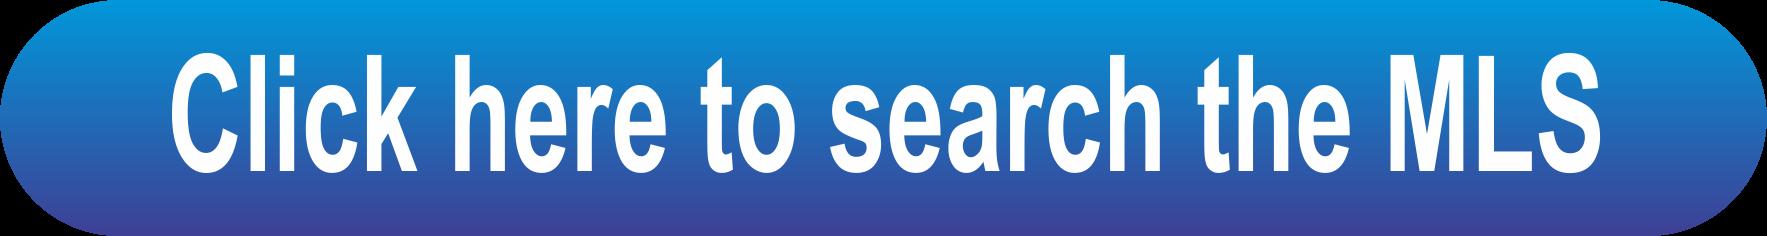 Search Lake Havasu Home on the MLS